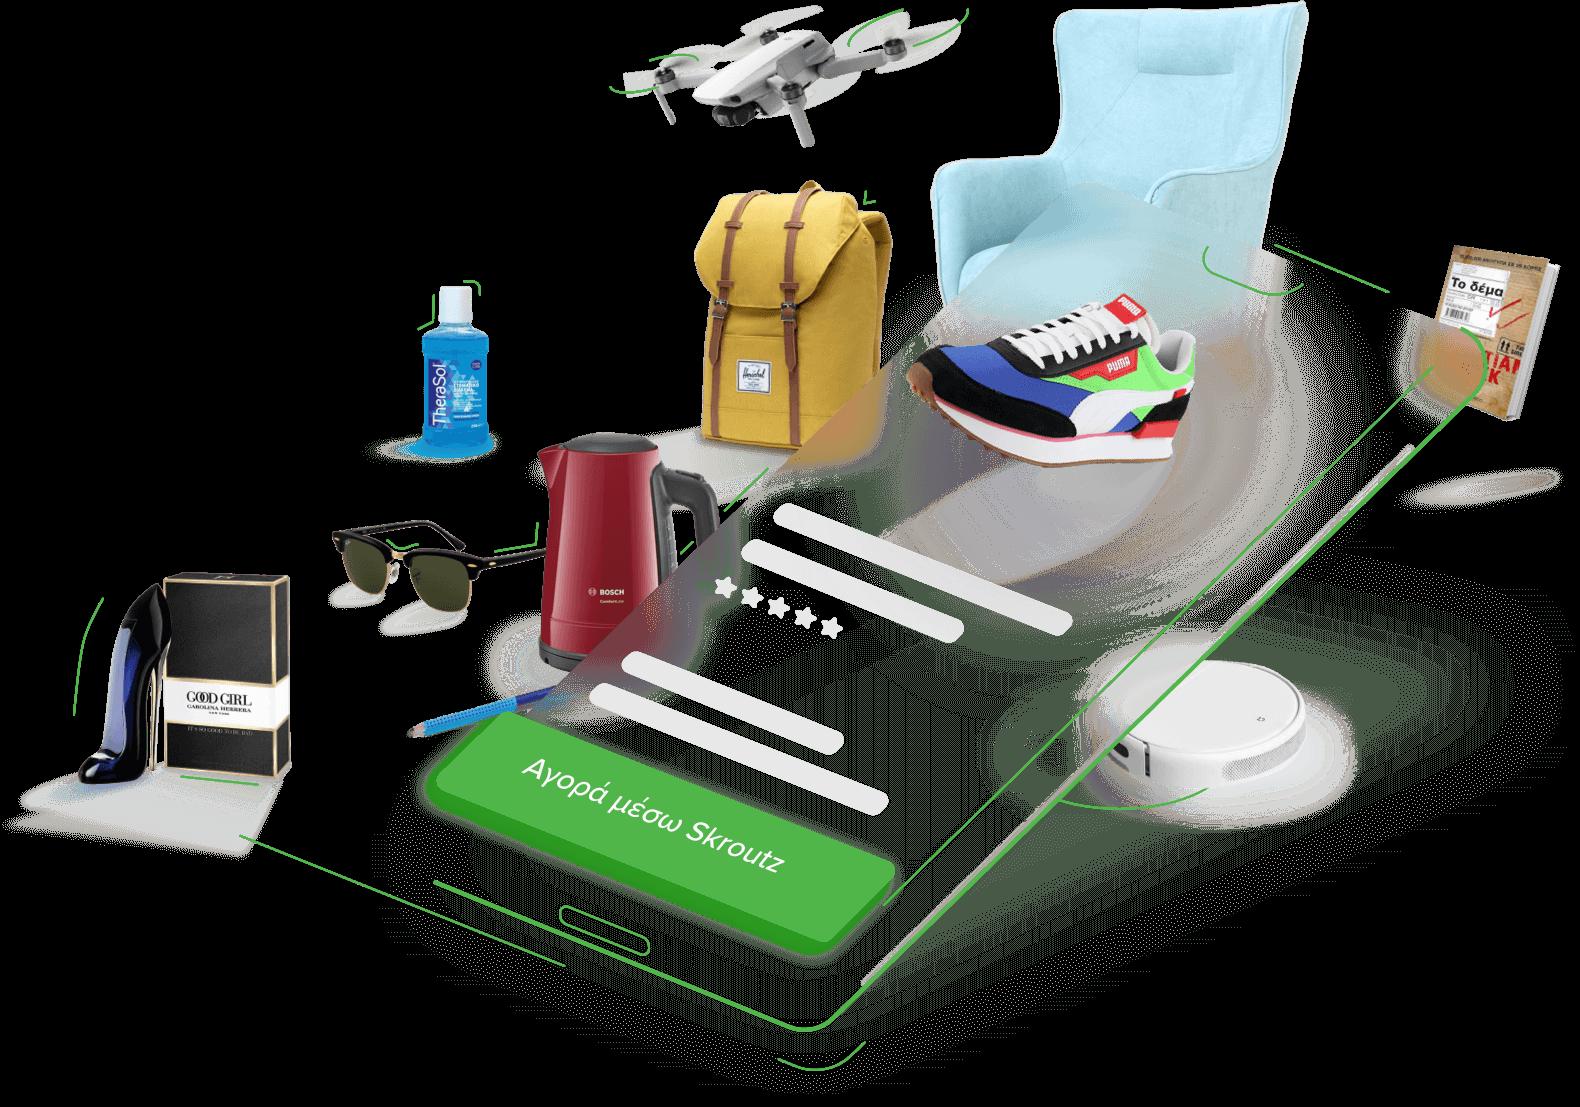 Ένα κινητό με το πράσινο κουμπί 'Αγορά μέσω Skroutz' και γύρω του μια πληθώρα προϊόντων που μπορείς να αγοράσεις μέσω Skroutz